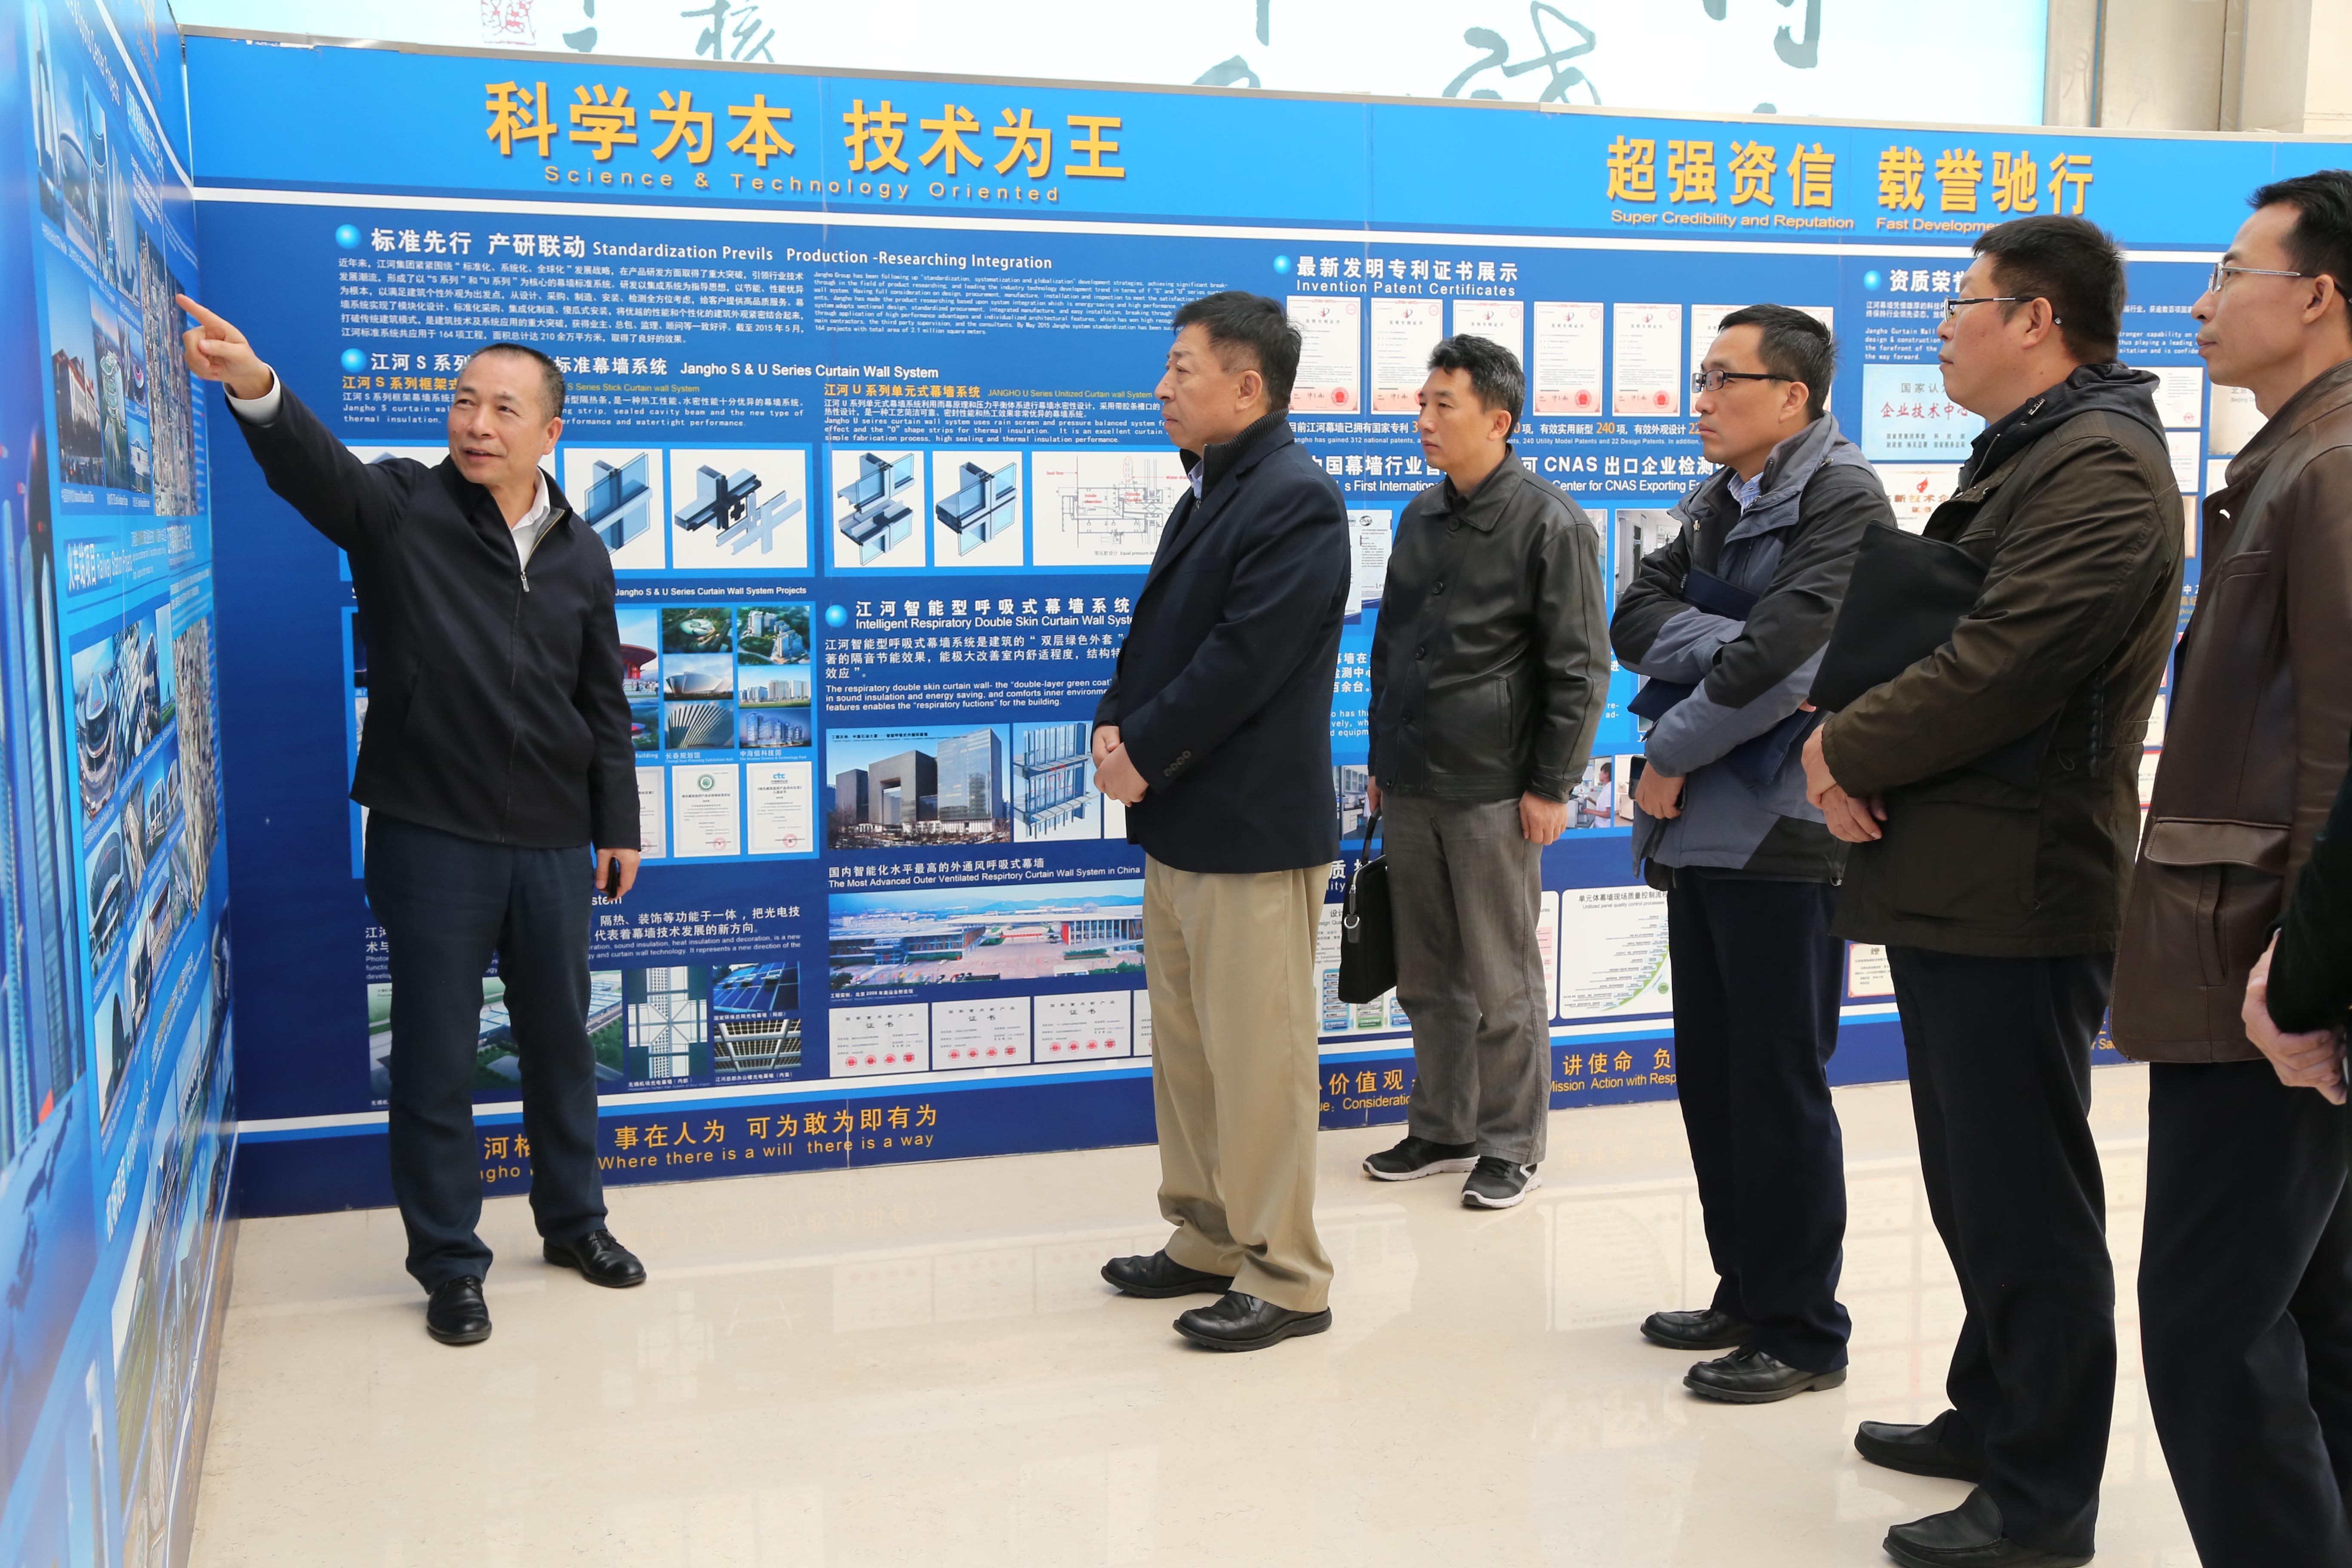 北京市商务委员会副主任闫小彦一行莅临我司调研指导